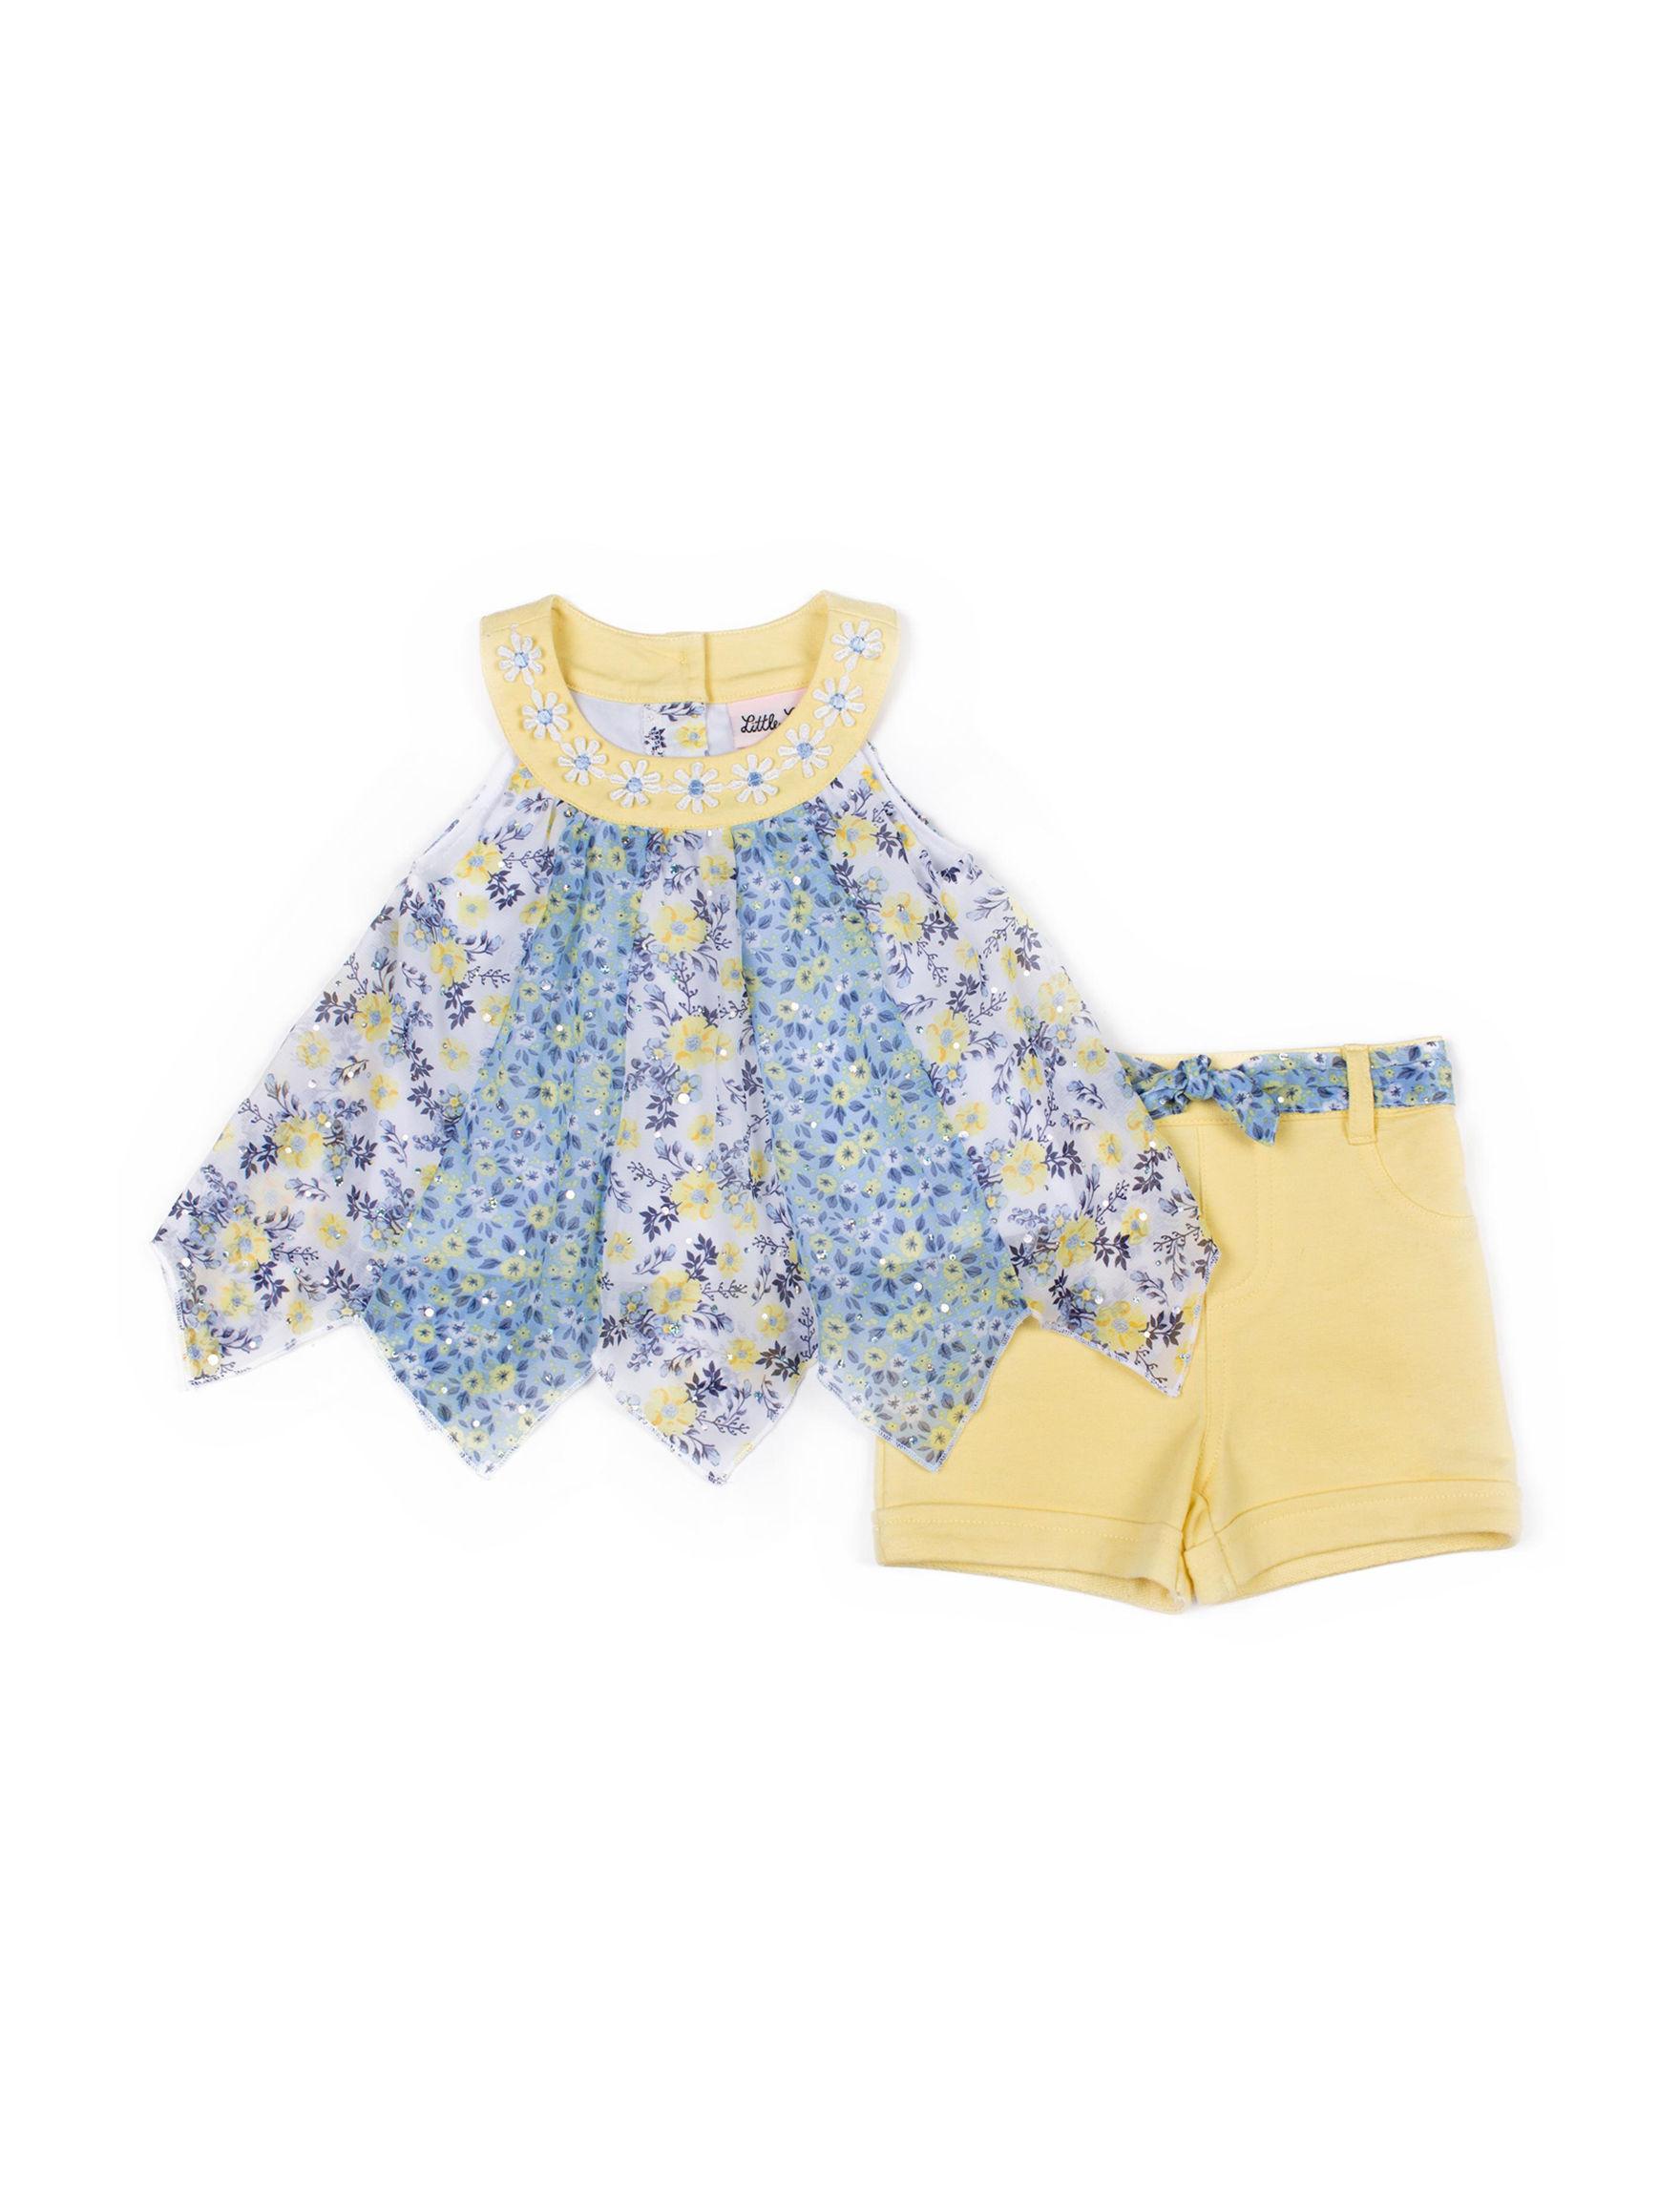 Little Lass Yellow / Blue